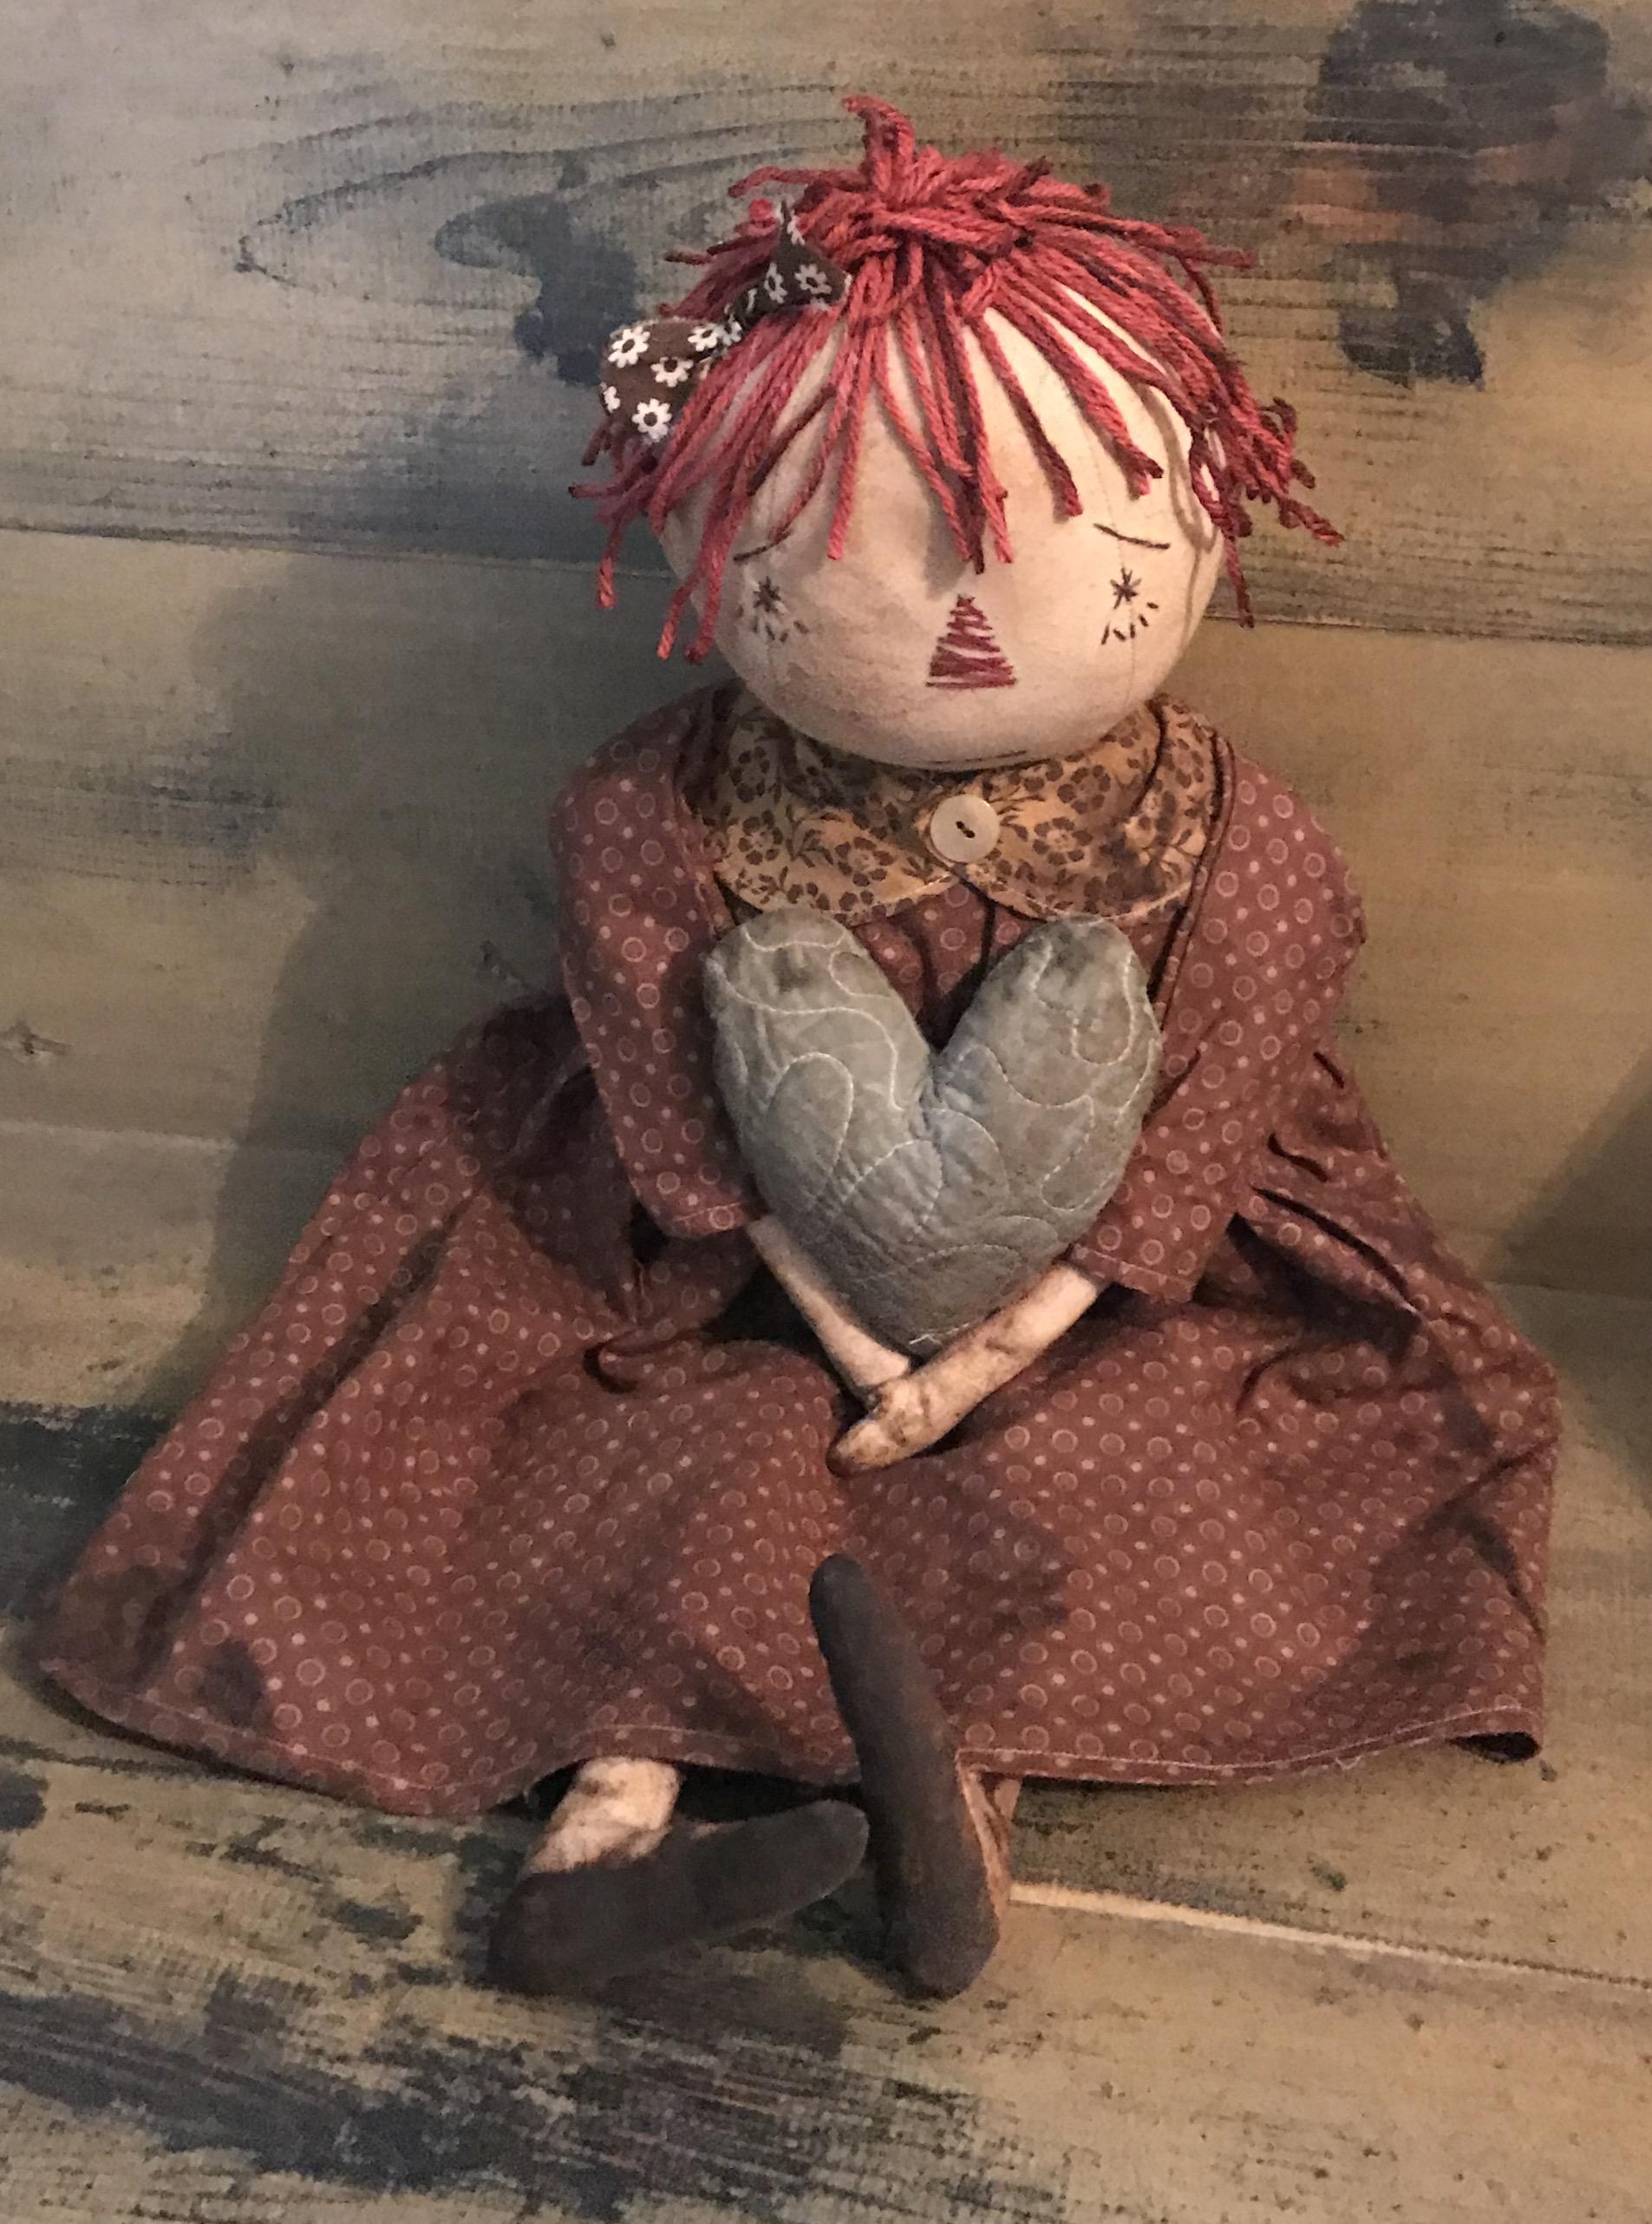 Pouting Annie